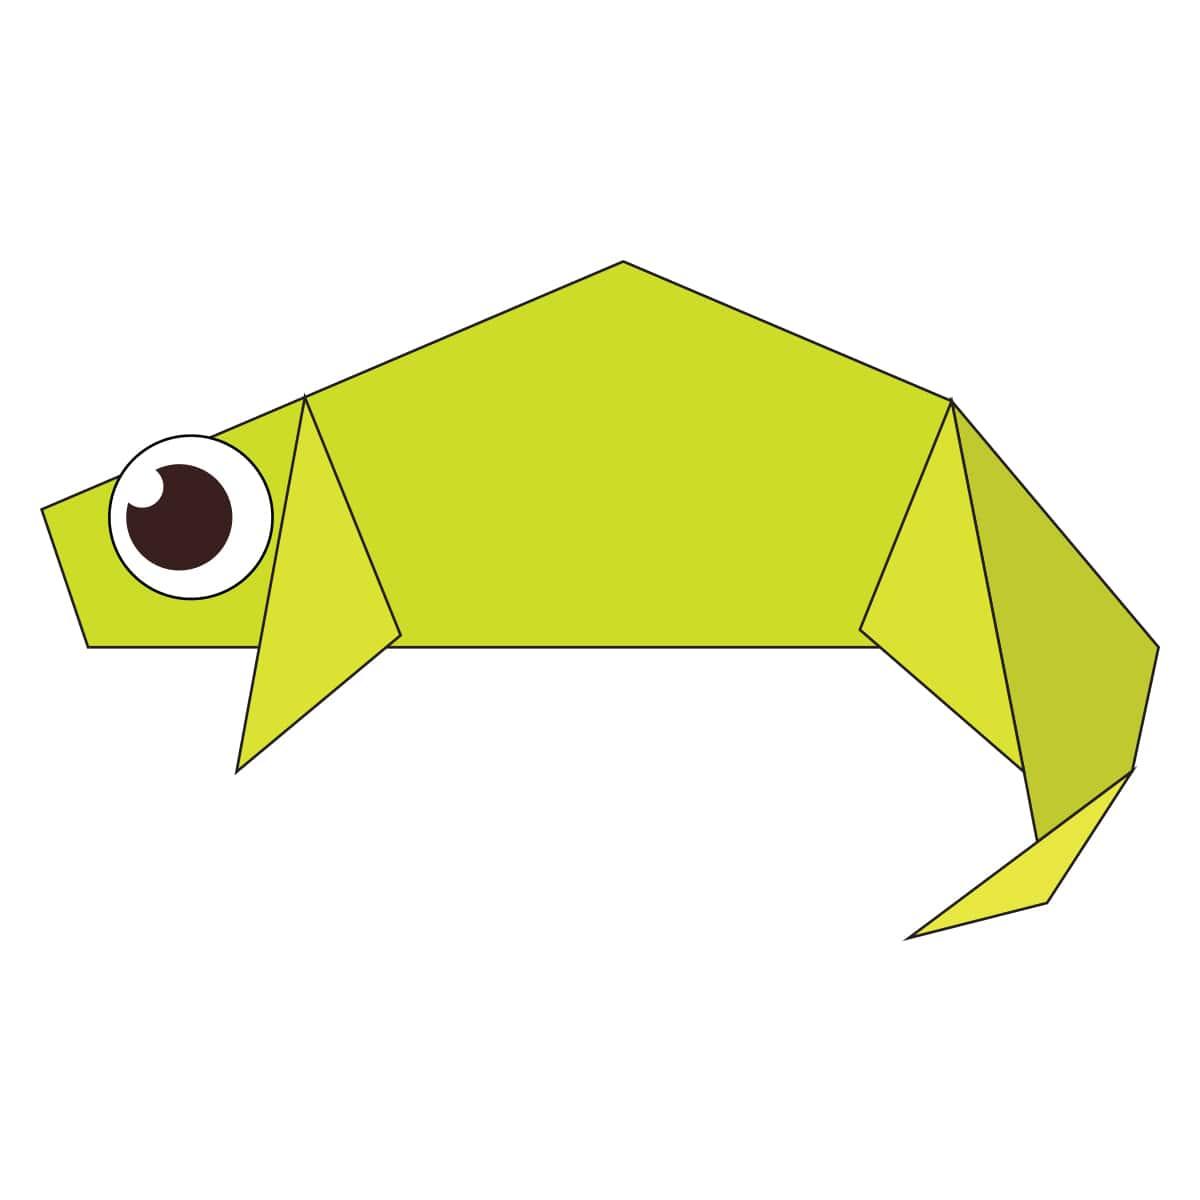 Chameleon Step 13